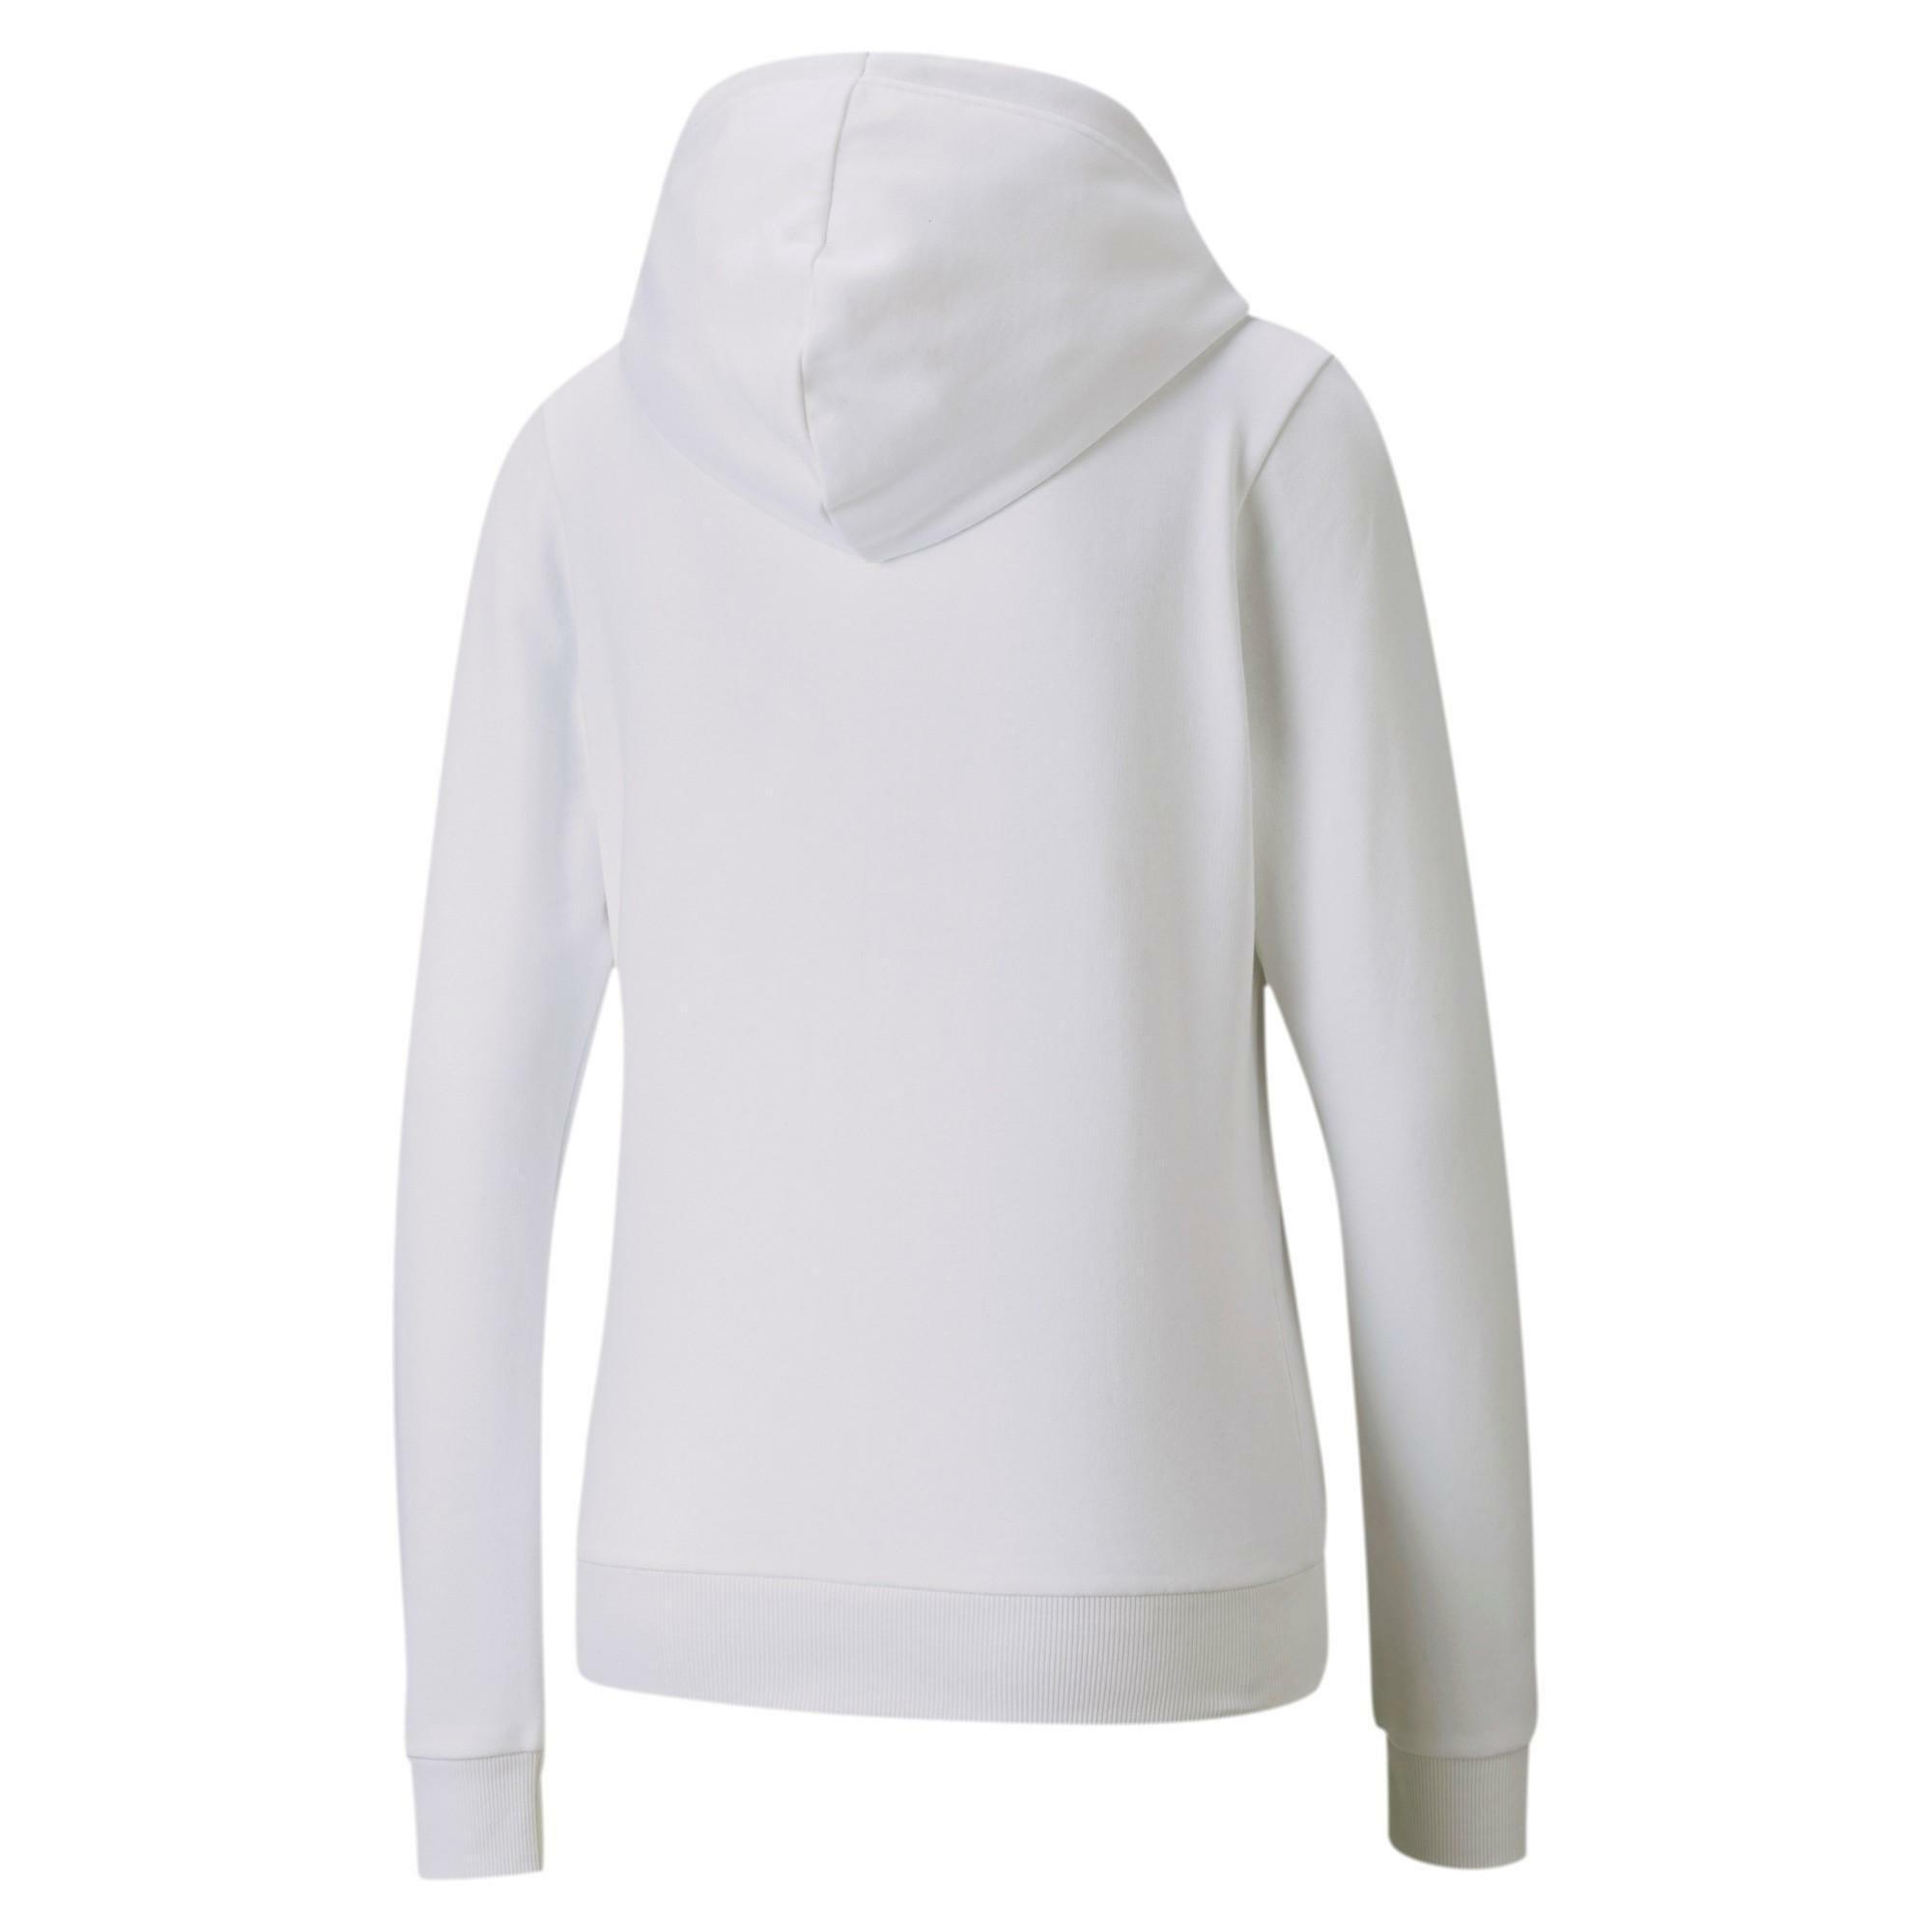 puma puma felpa donna ess+ metallic full-zip bianco